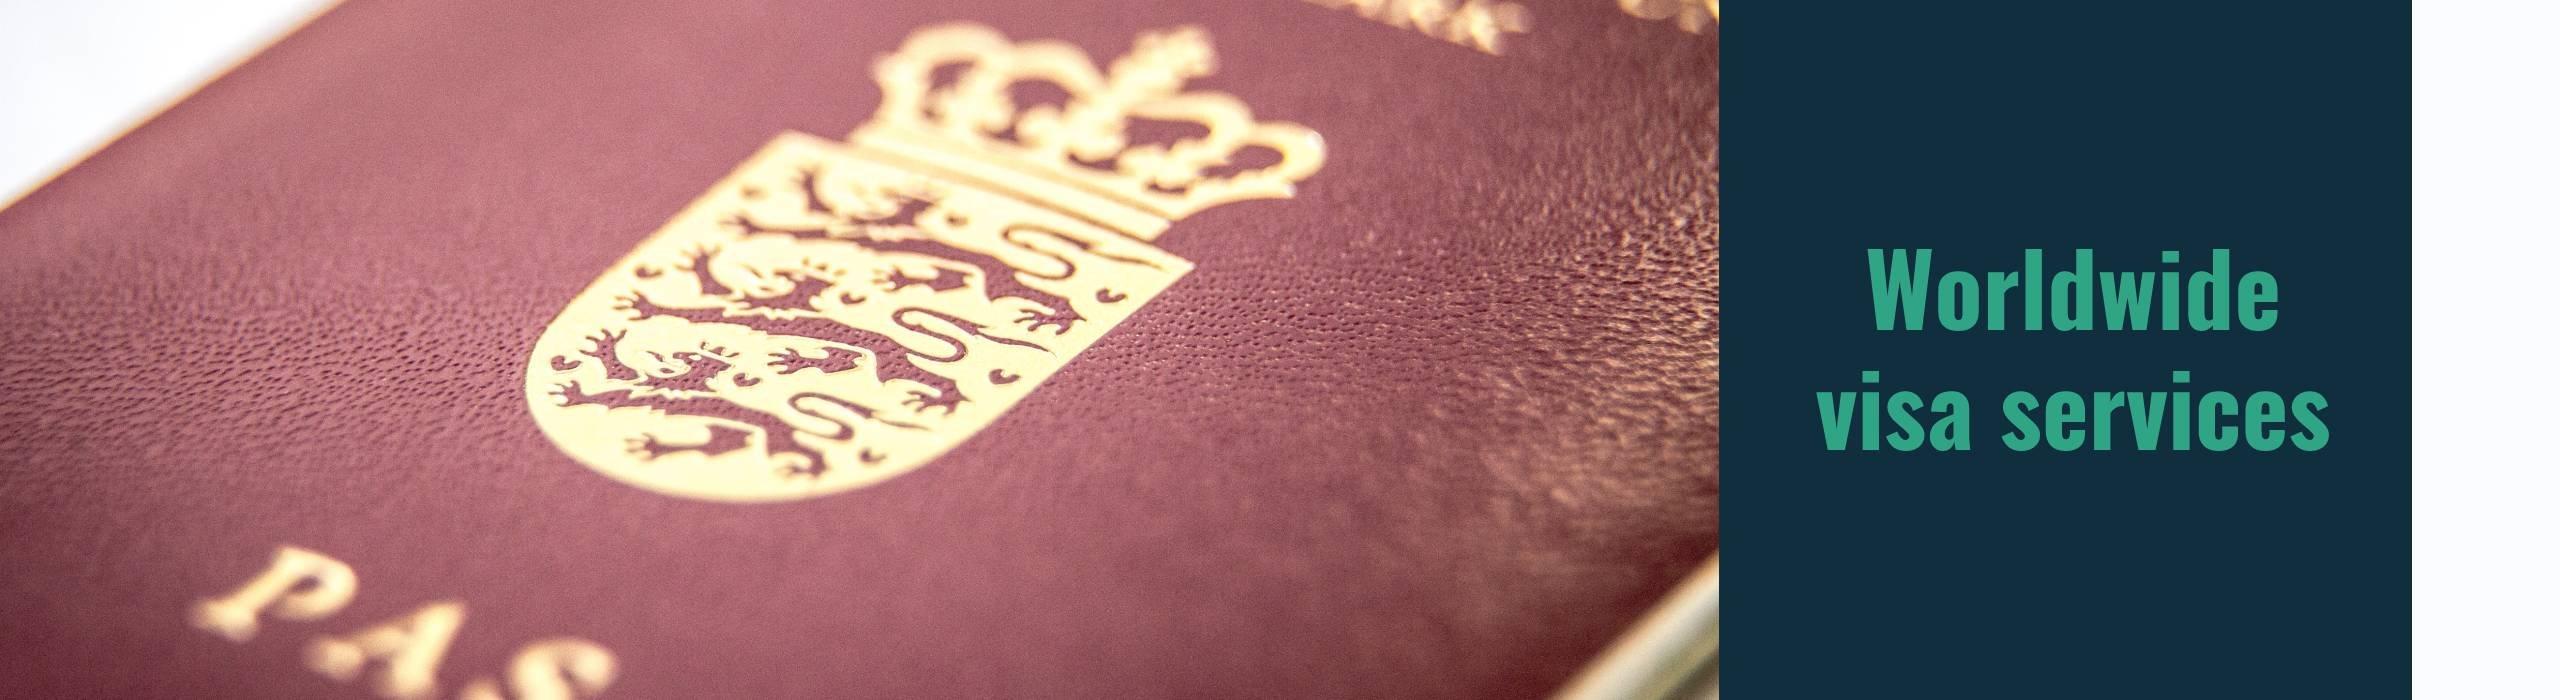 Worldwide visa services